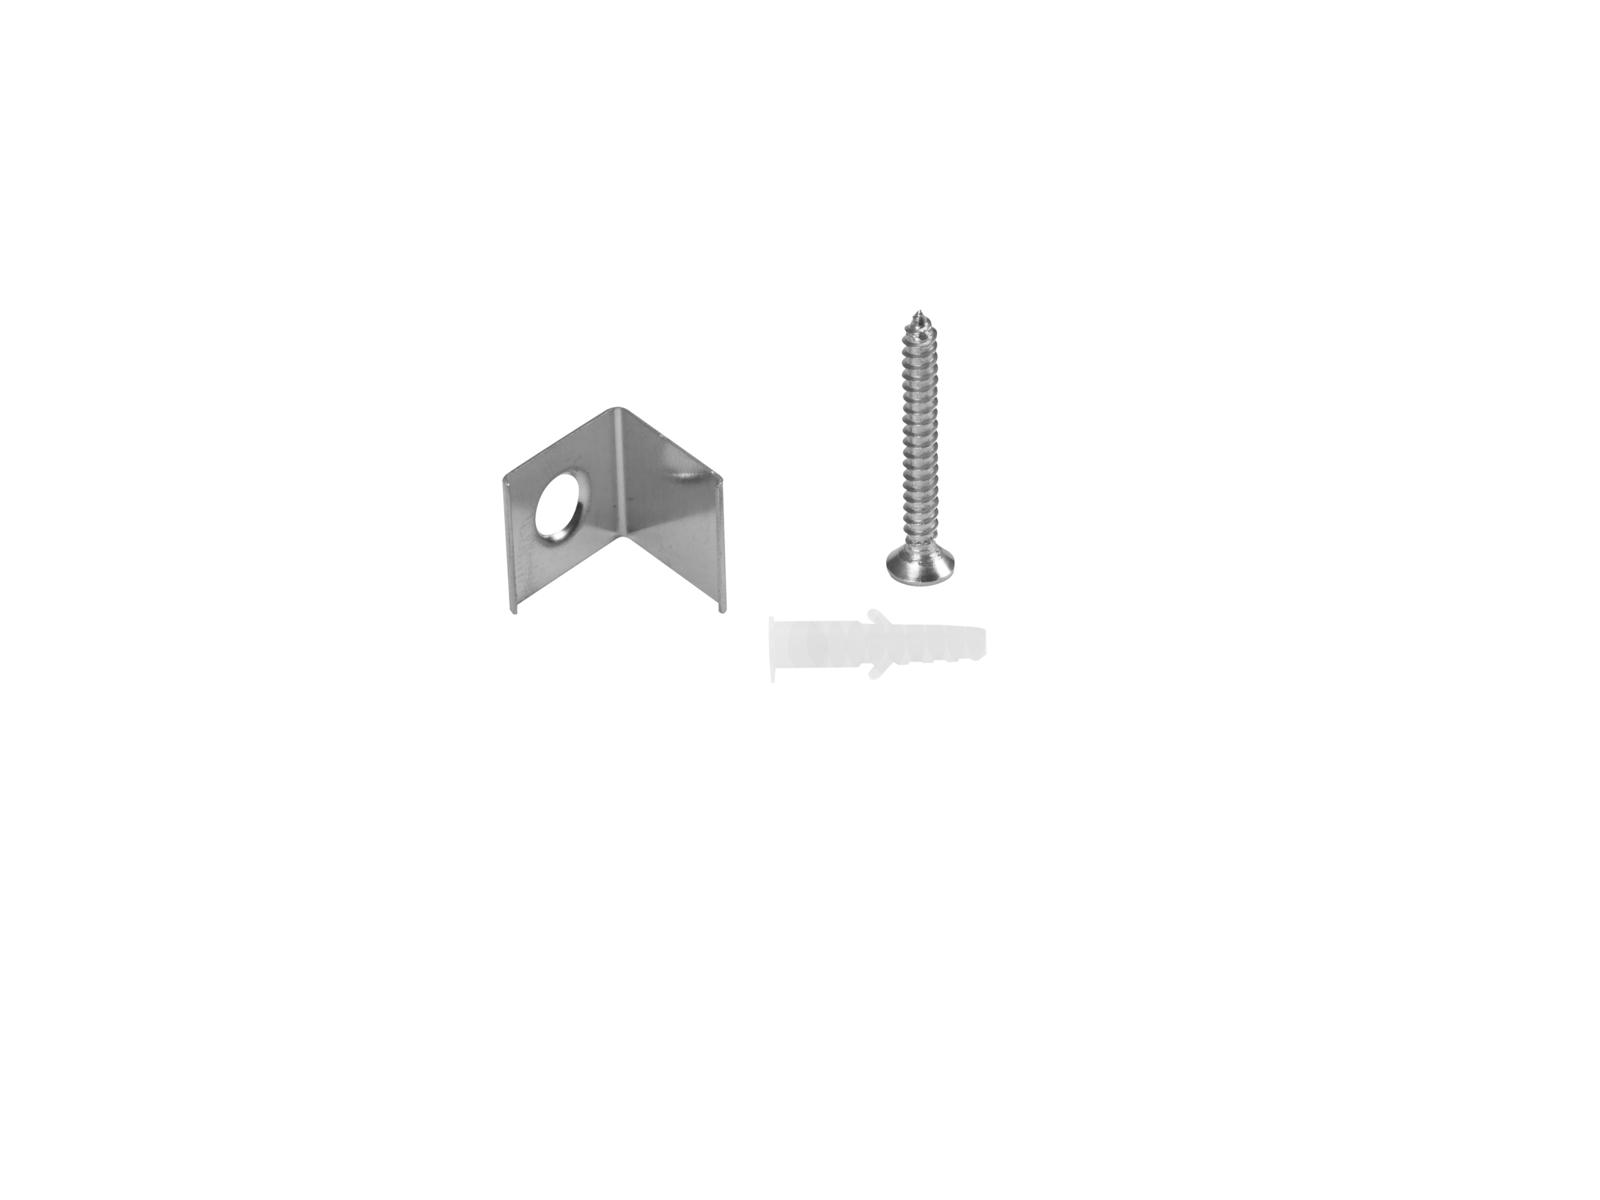 EUROLITE Halterung für Eck-Profil Metall